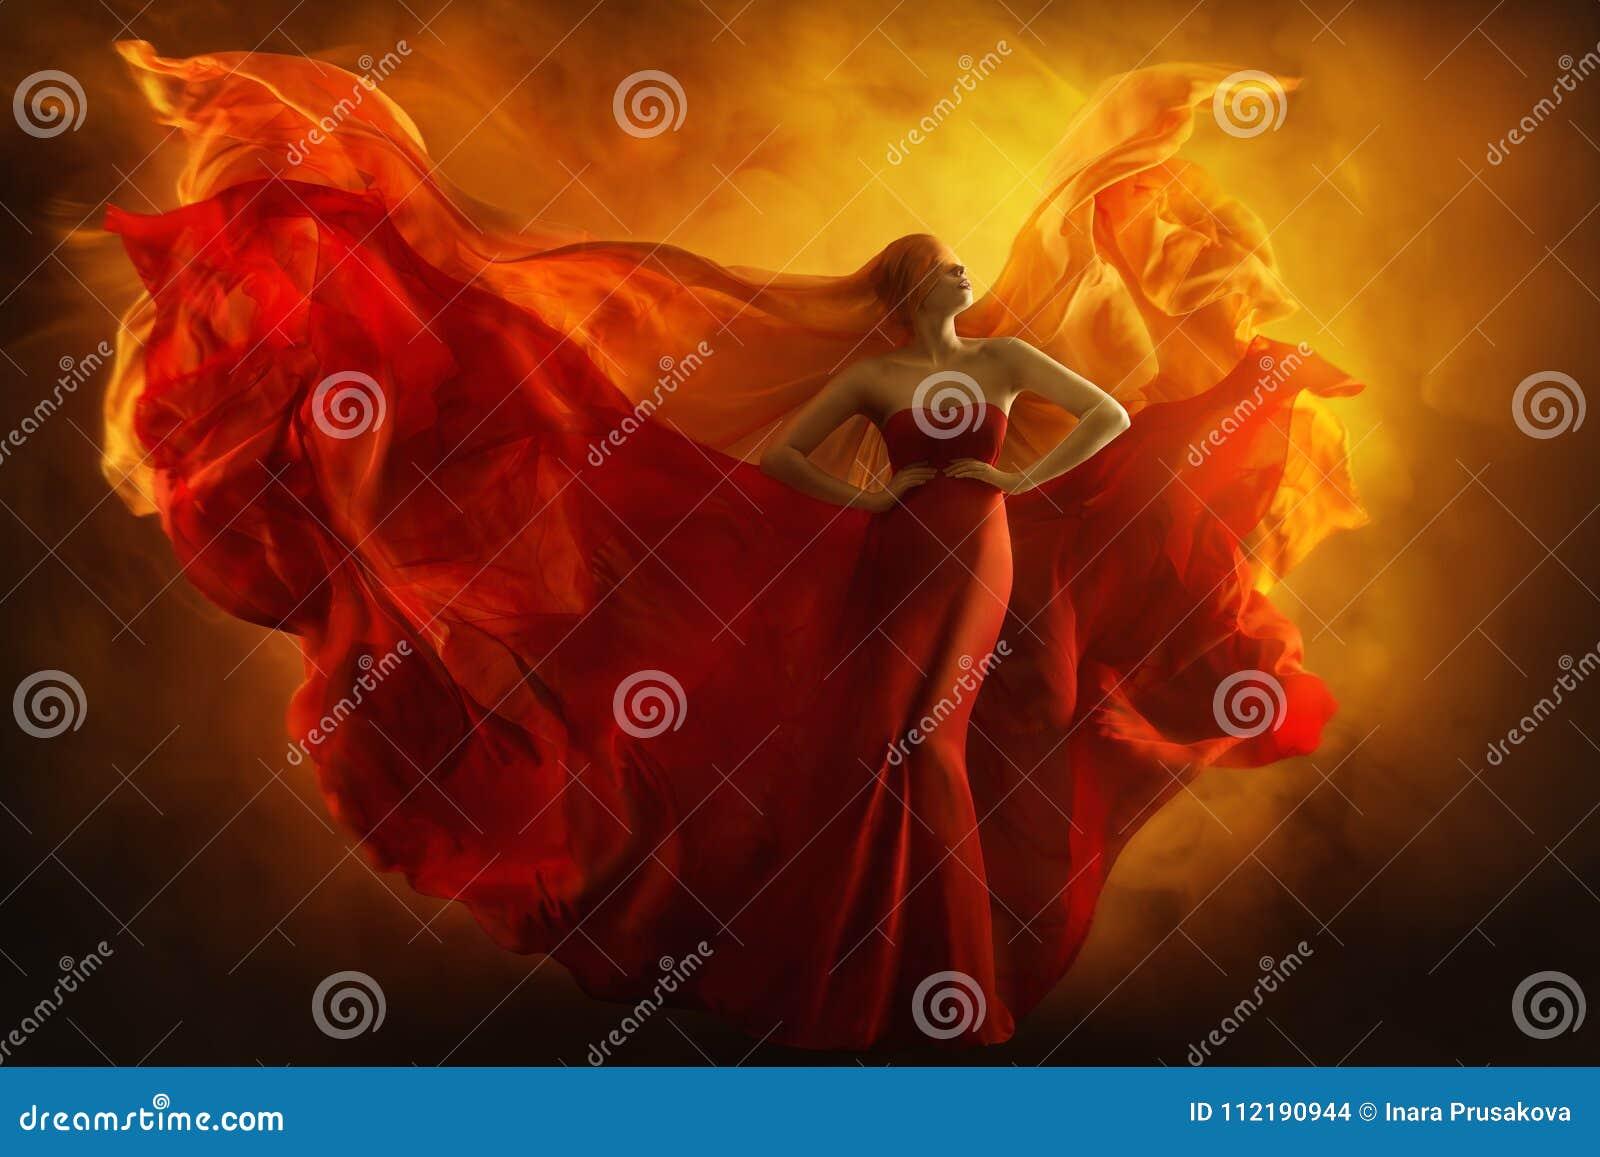 时装模特儿艺术幻想火礼服,蒙住眼睛的妇女作梦